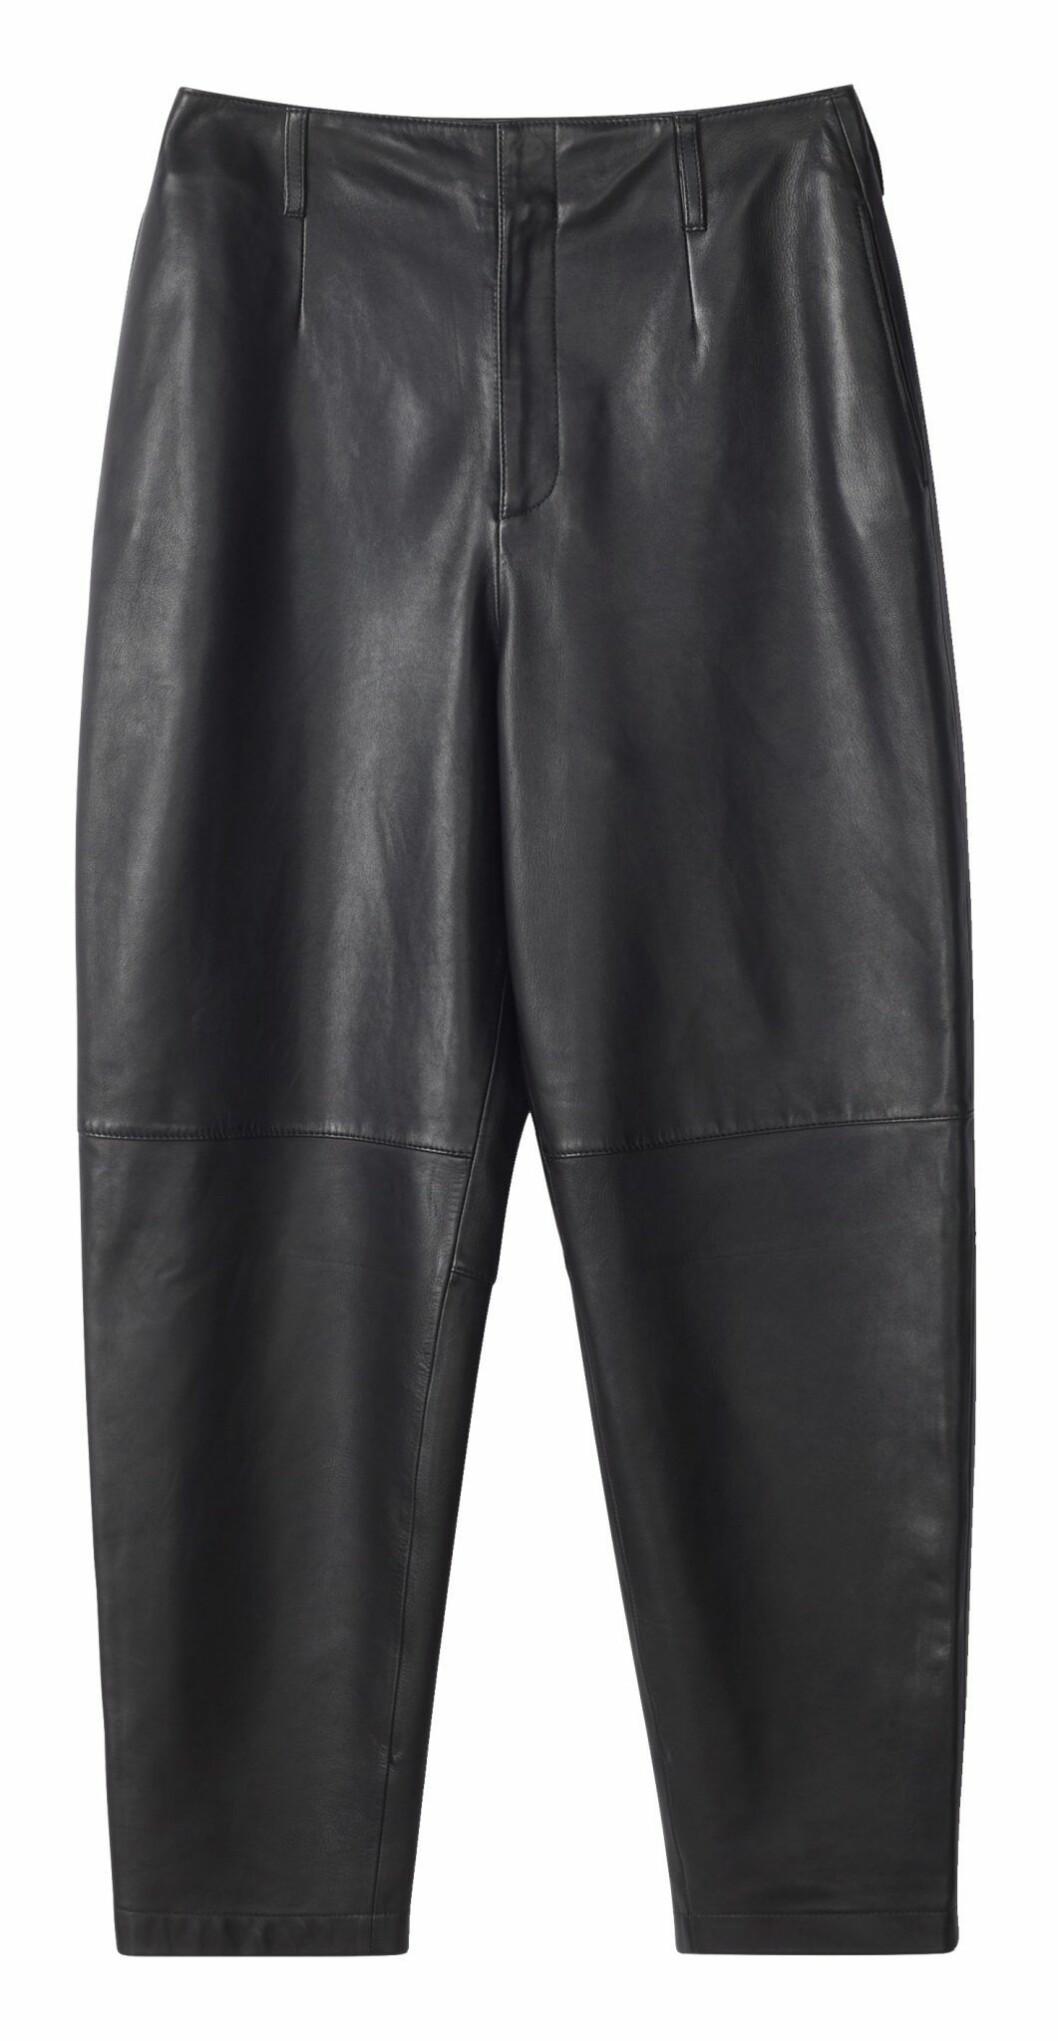 Snygg byxa i mjukt läder från Filippa K.